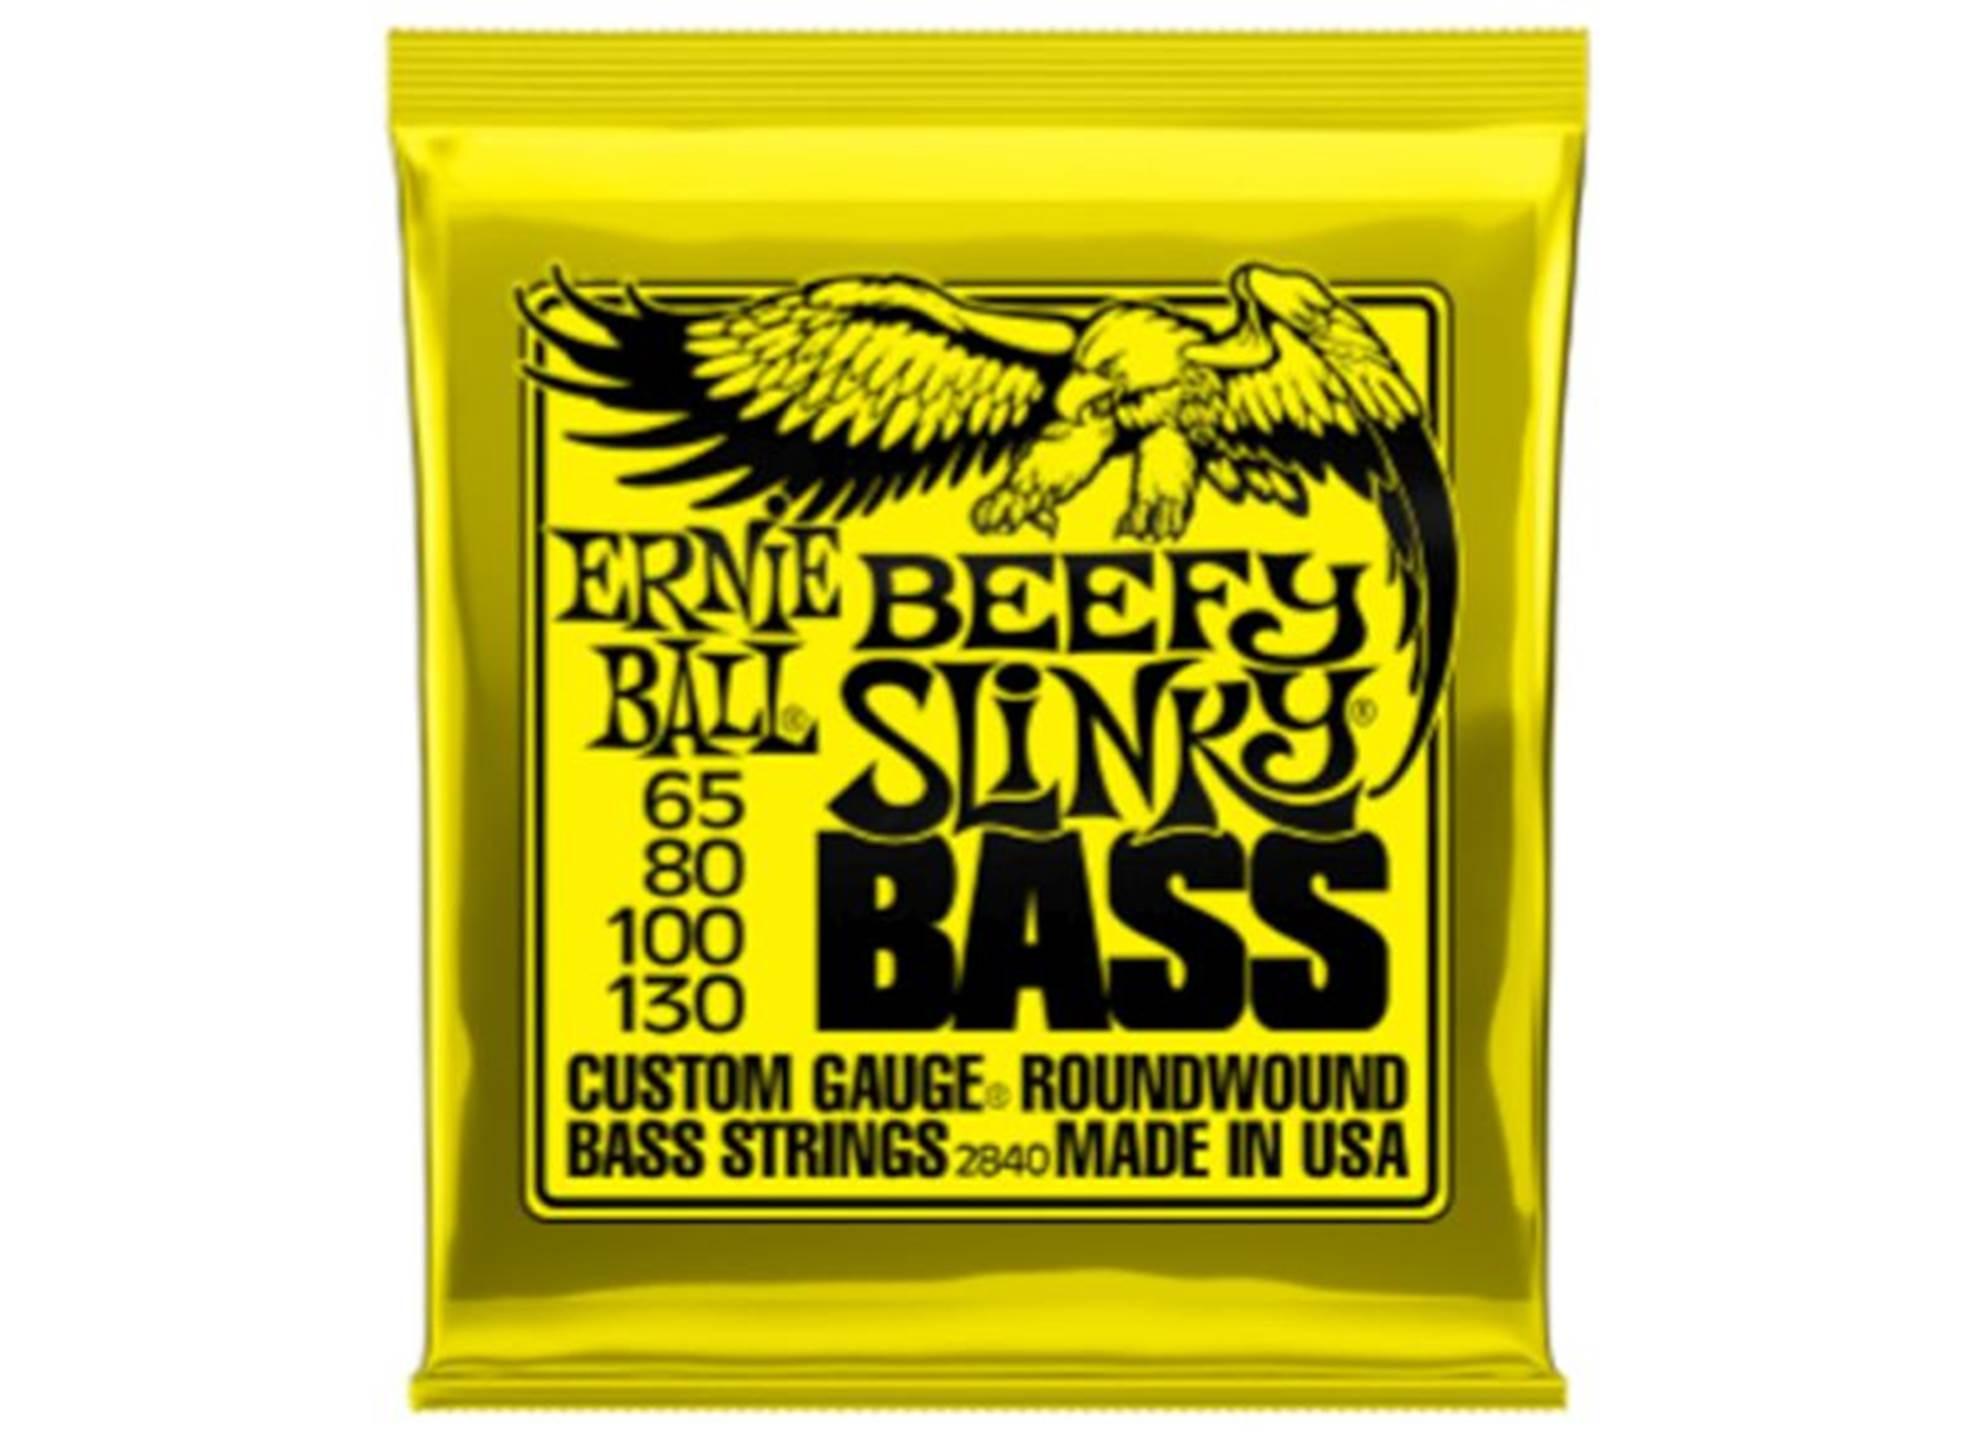 2840 Beefy Slinky Bass 65-130